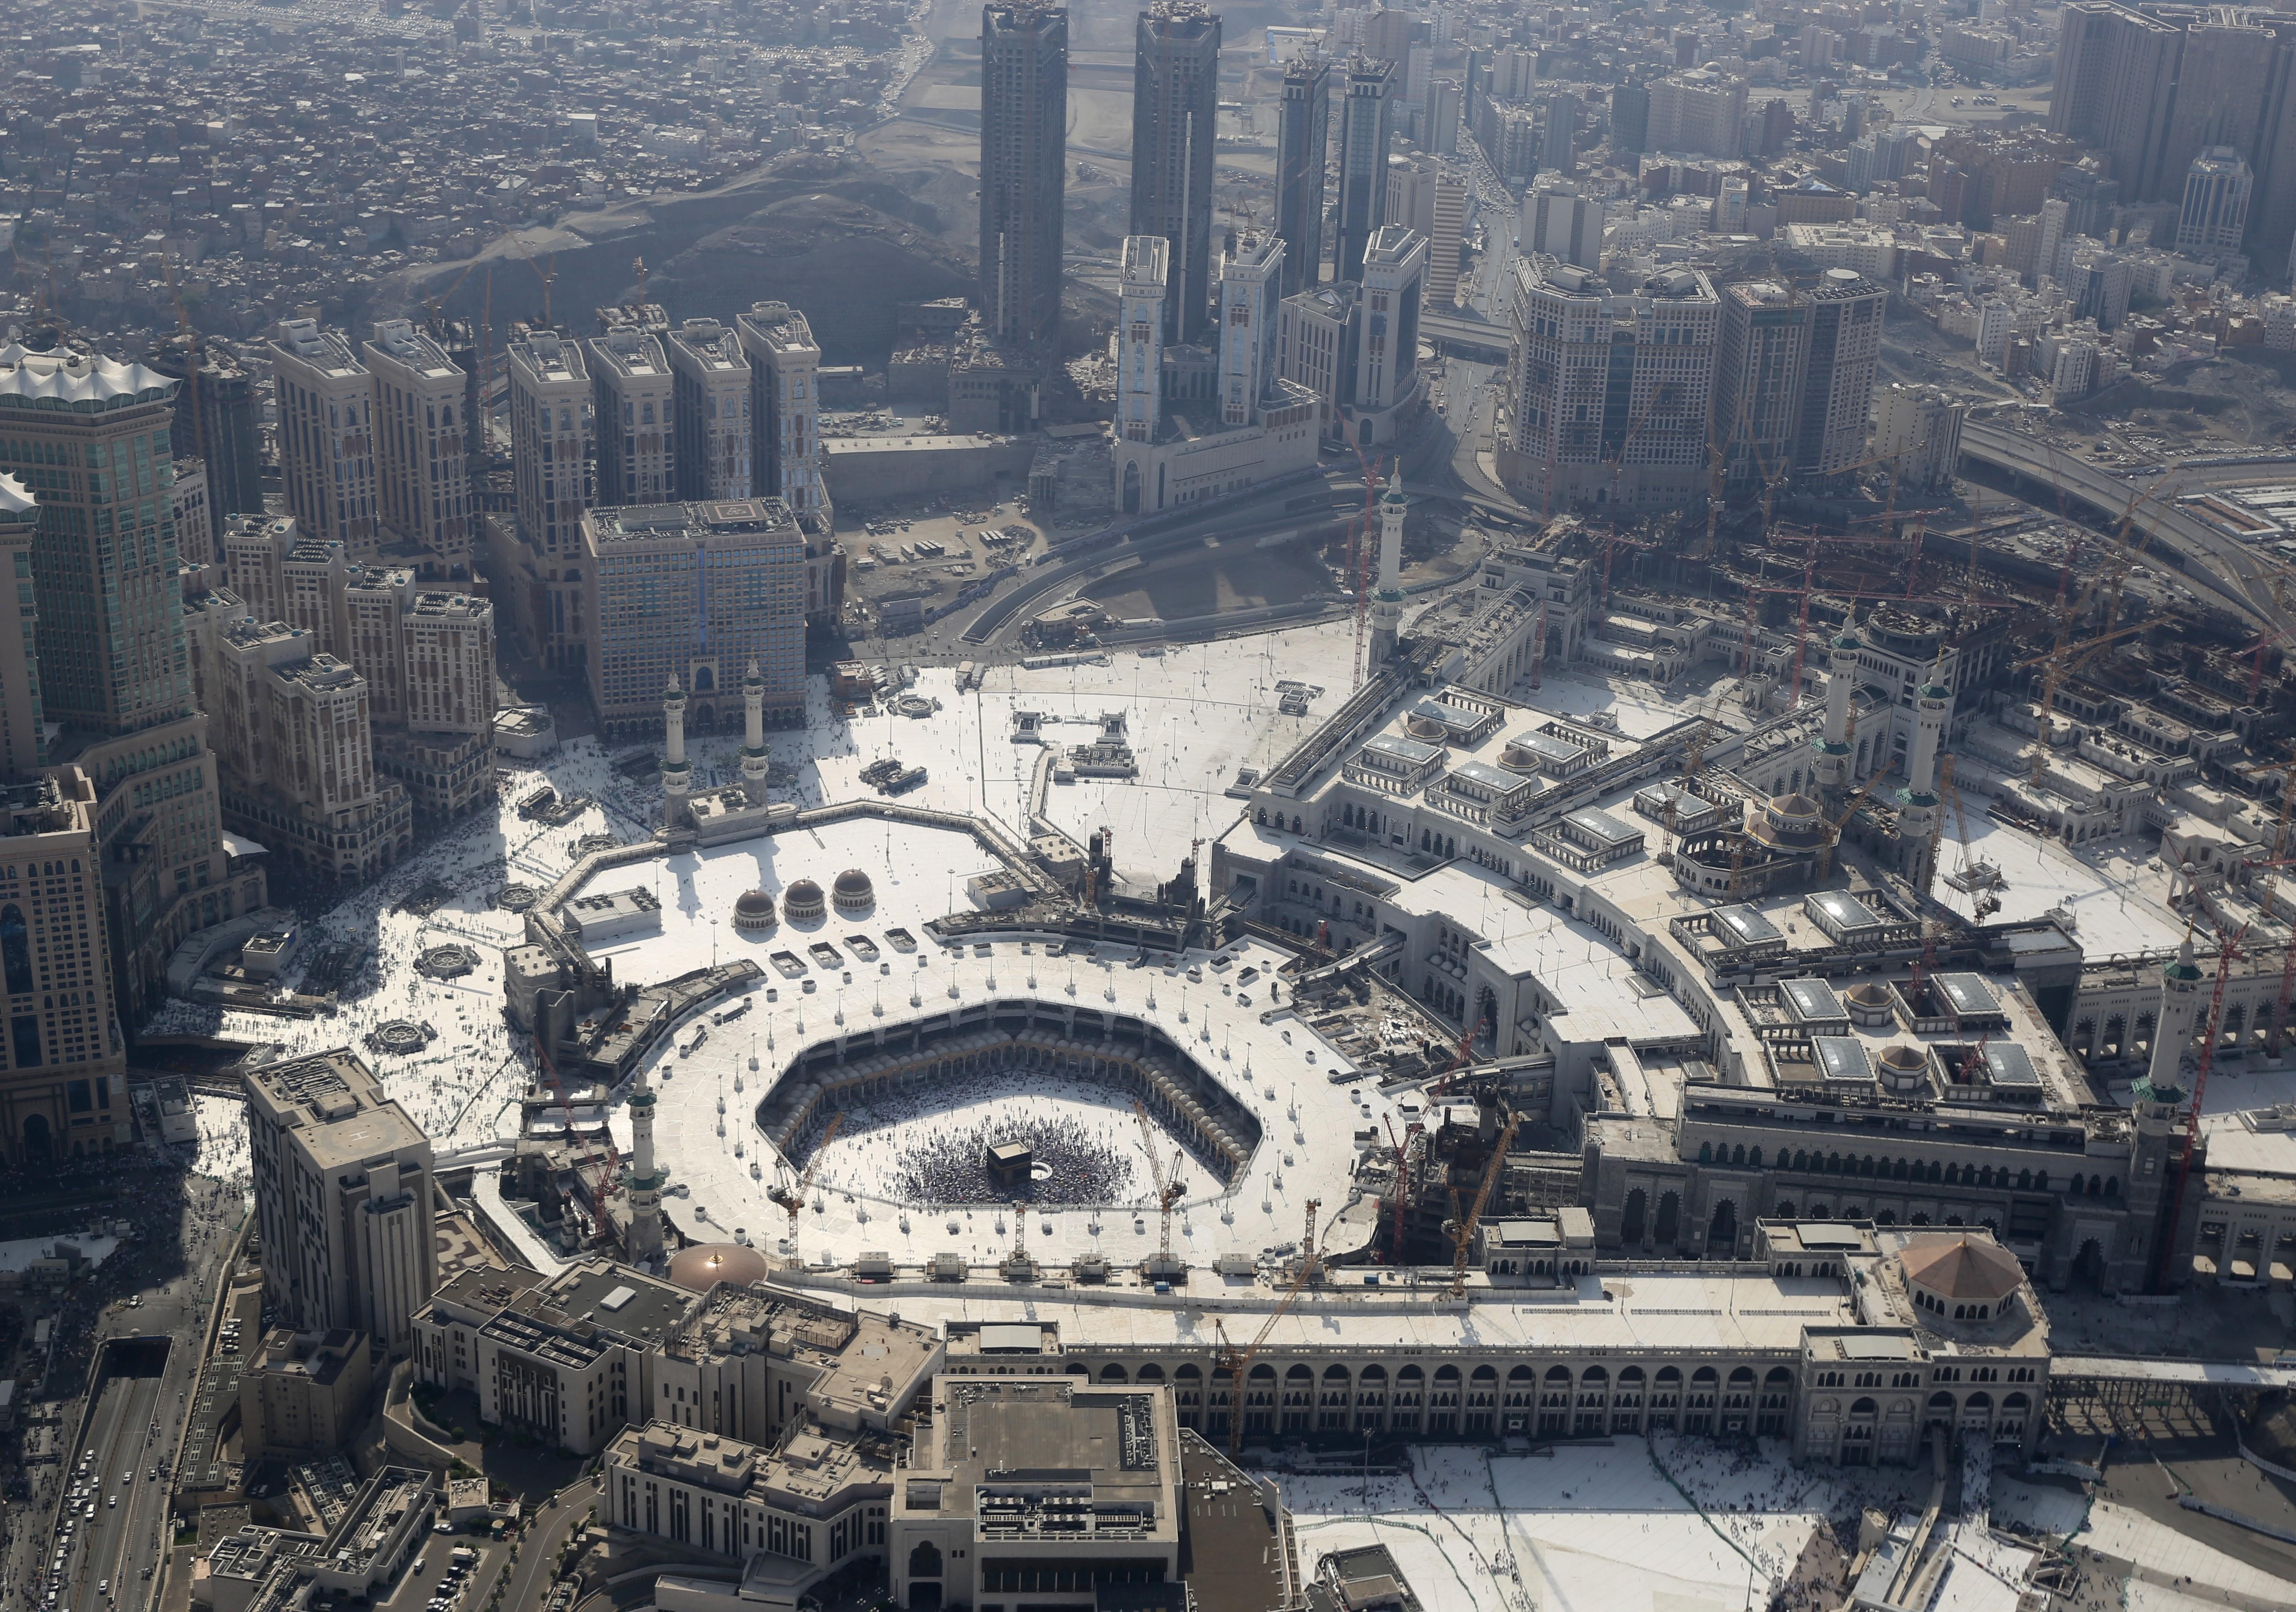 Photo aérienne de la Masjid al-Haram (Grande Mosquée) de la Mecque. Autour du lieu saint, les grattes-ciel et les hôtels de la cité qui défigurent l'horizon. Ramazan Turgut / Anadolu Agency